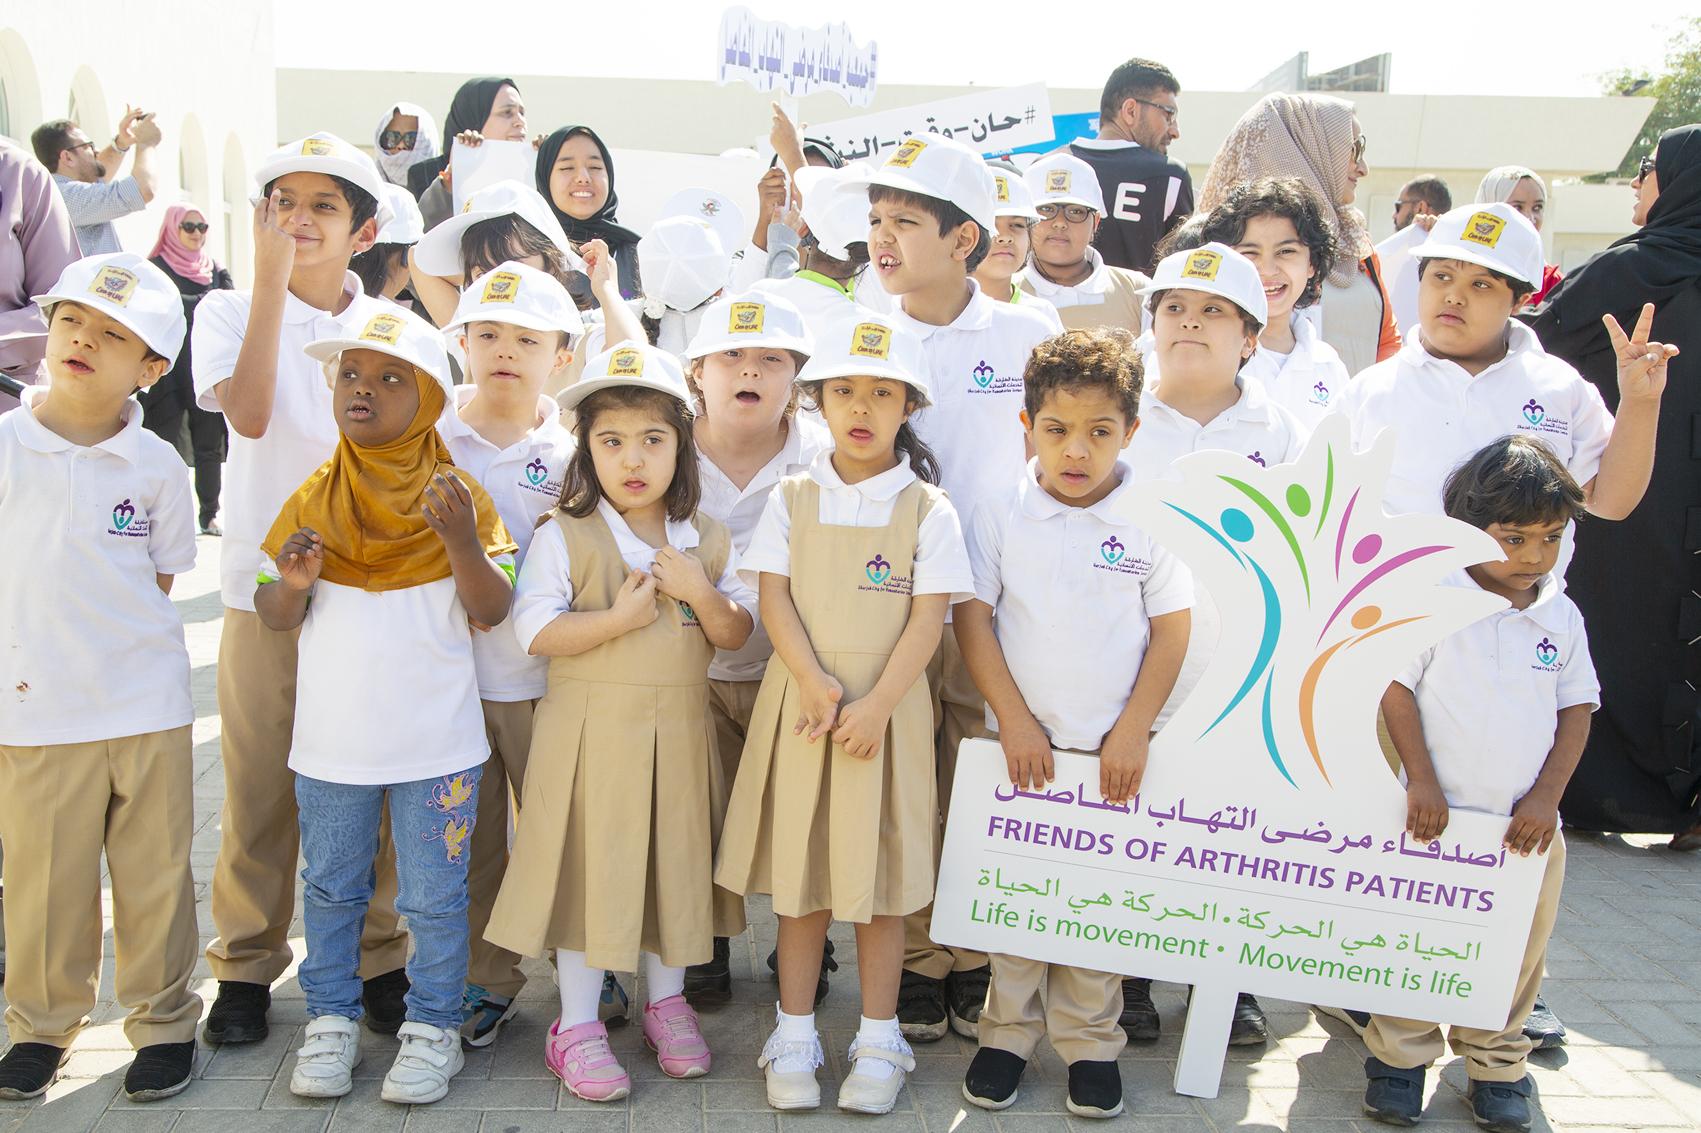 الخدمات الإنسانية تحتفل باليوم العالمي للعلاج الوظيفي